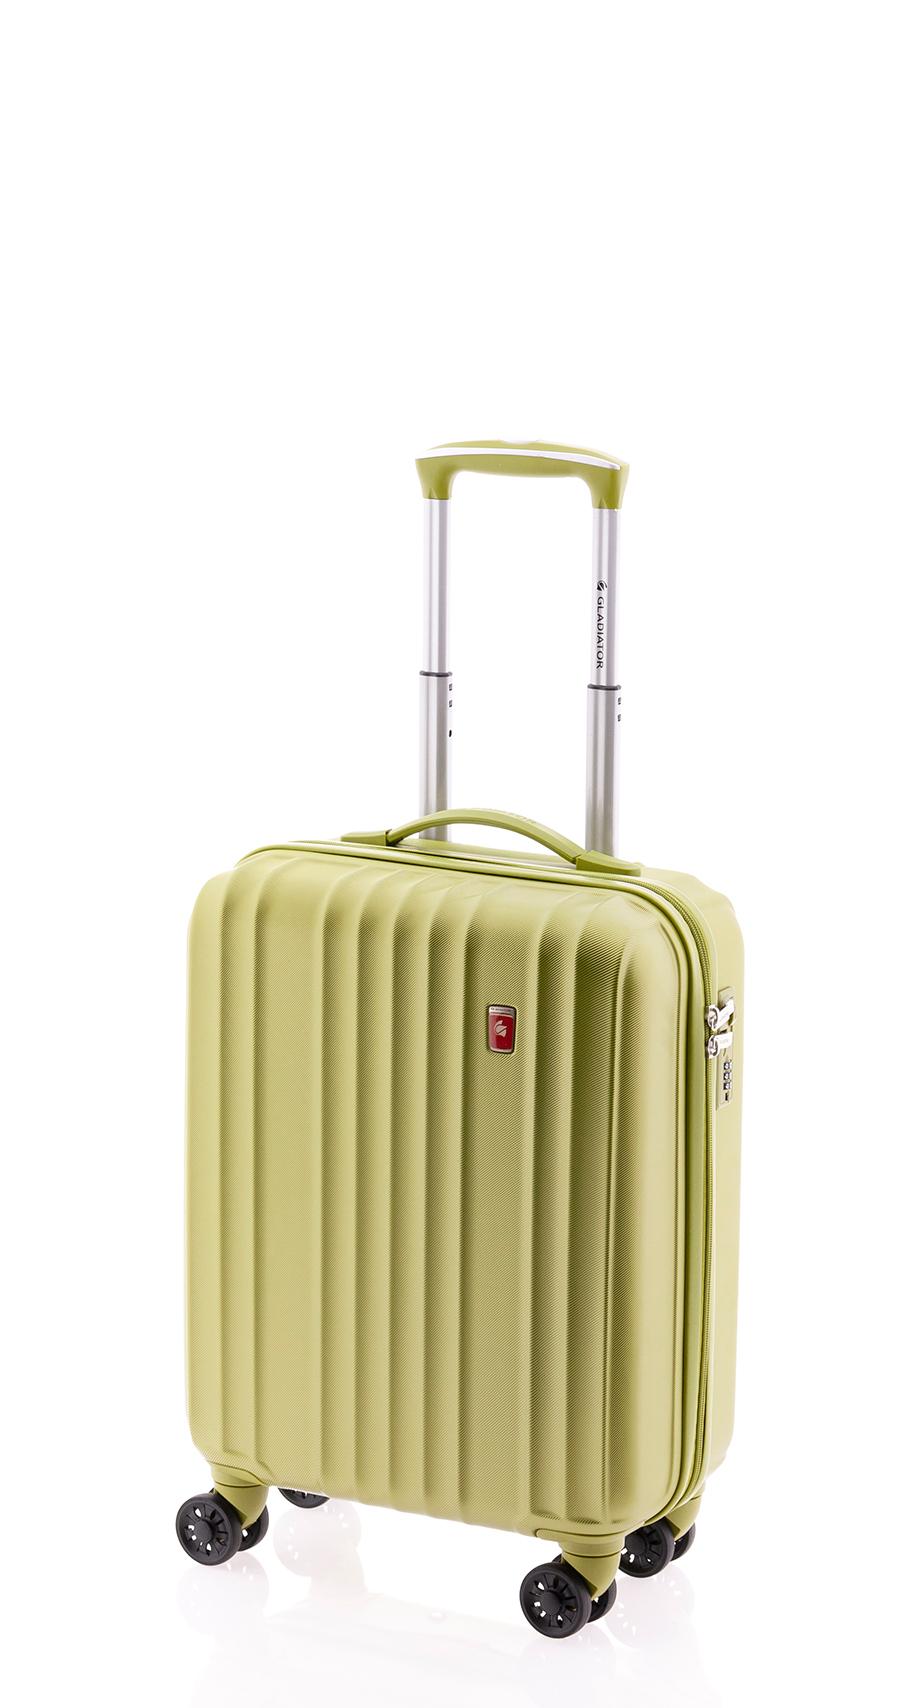 maleta-gladiator-zebra-cabina-pequeña-131002